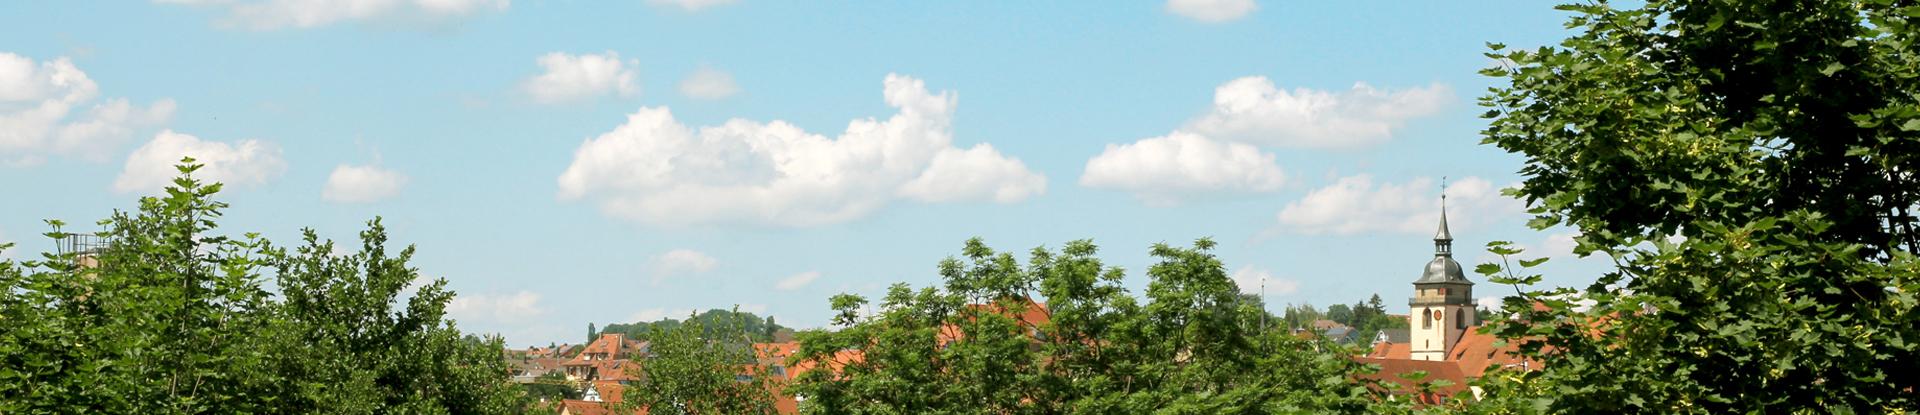 Home, View, Bietigheim-Bissingen, Kanzlei, Ausblick